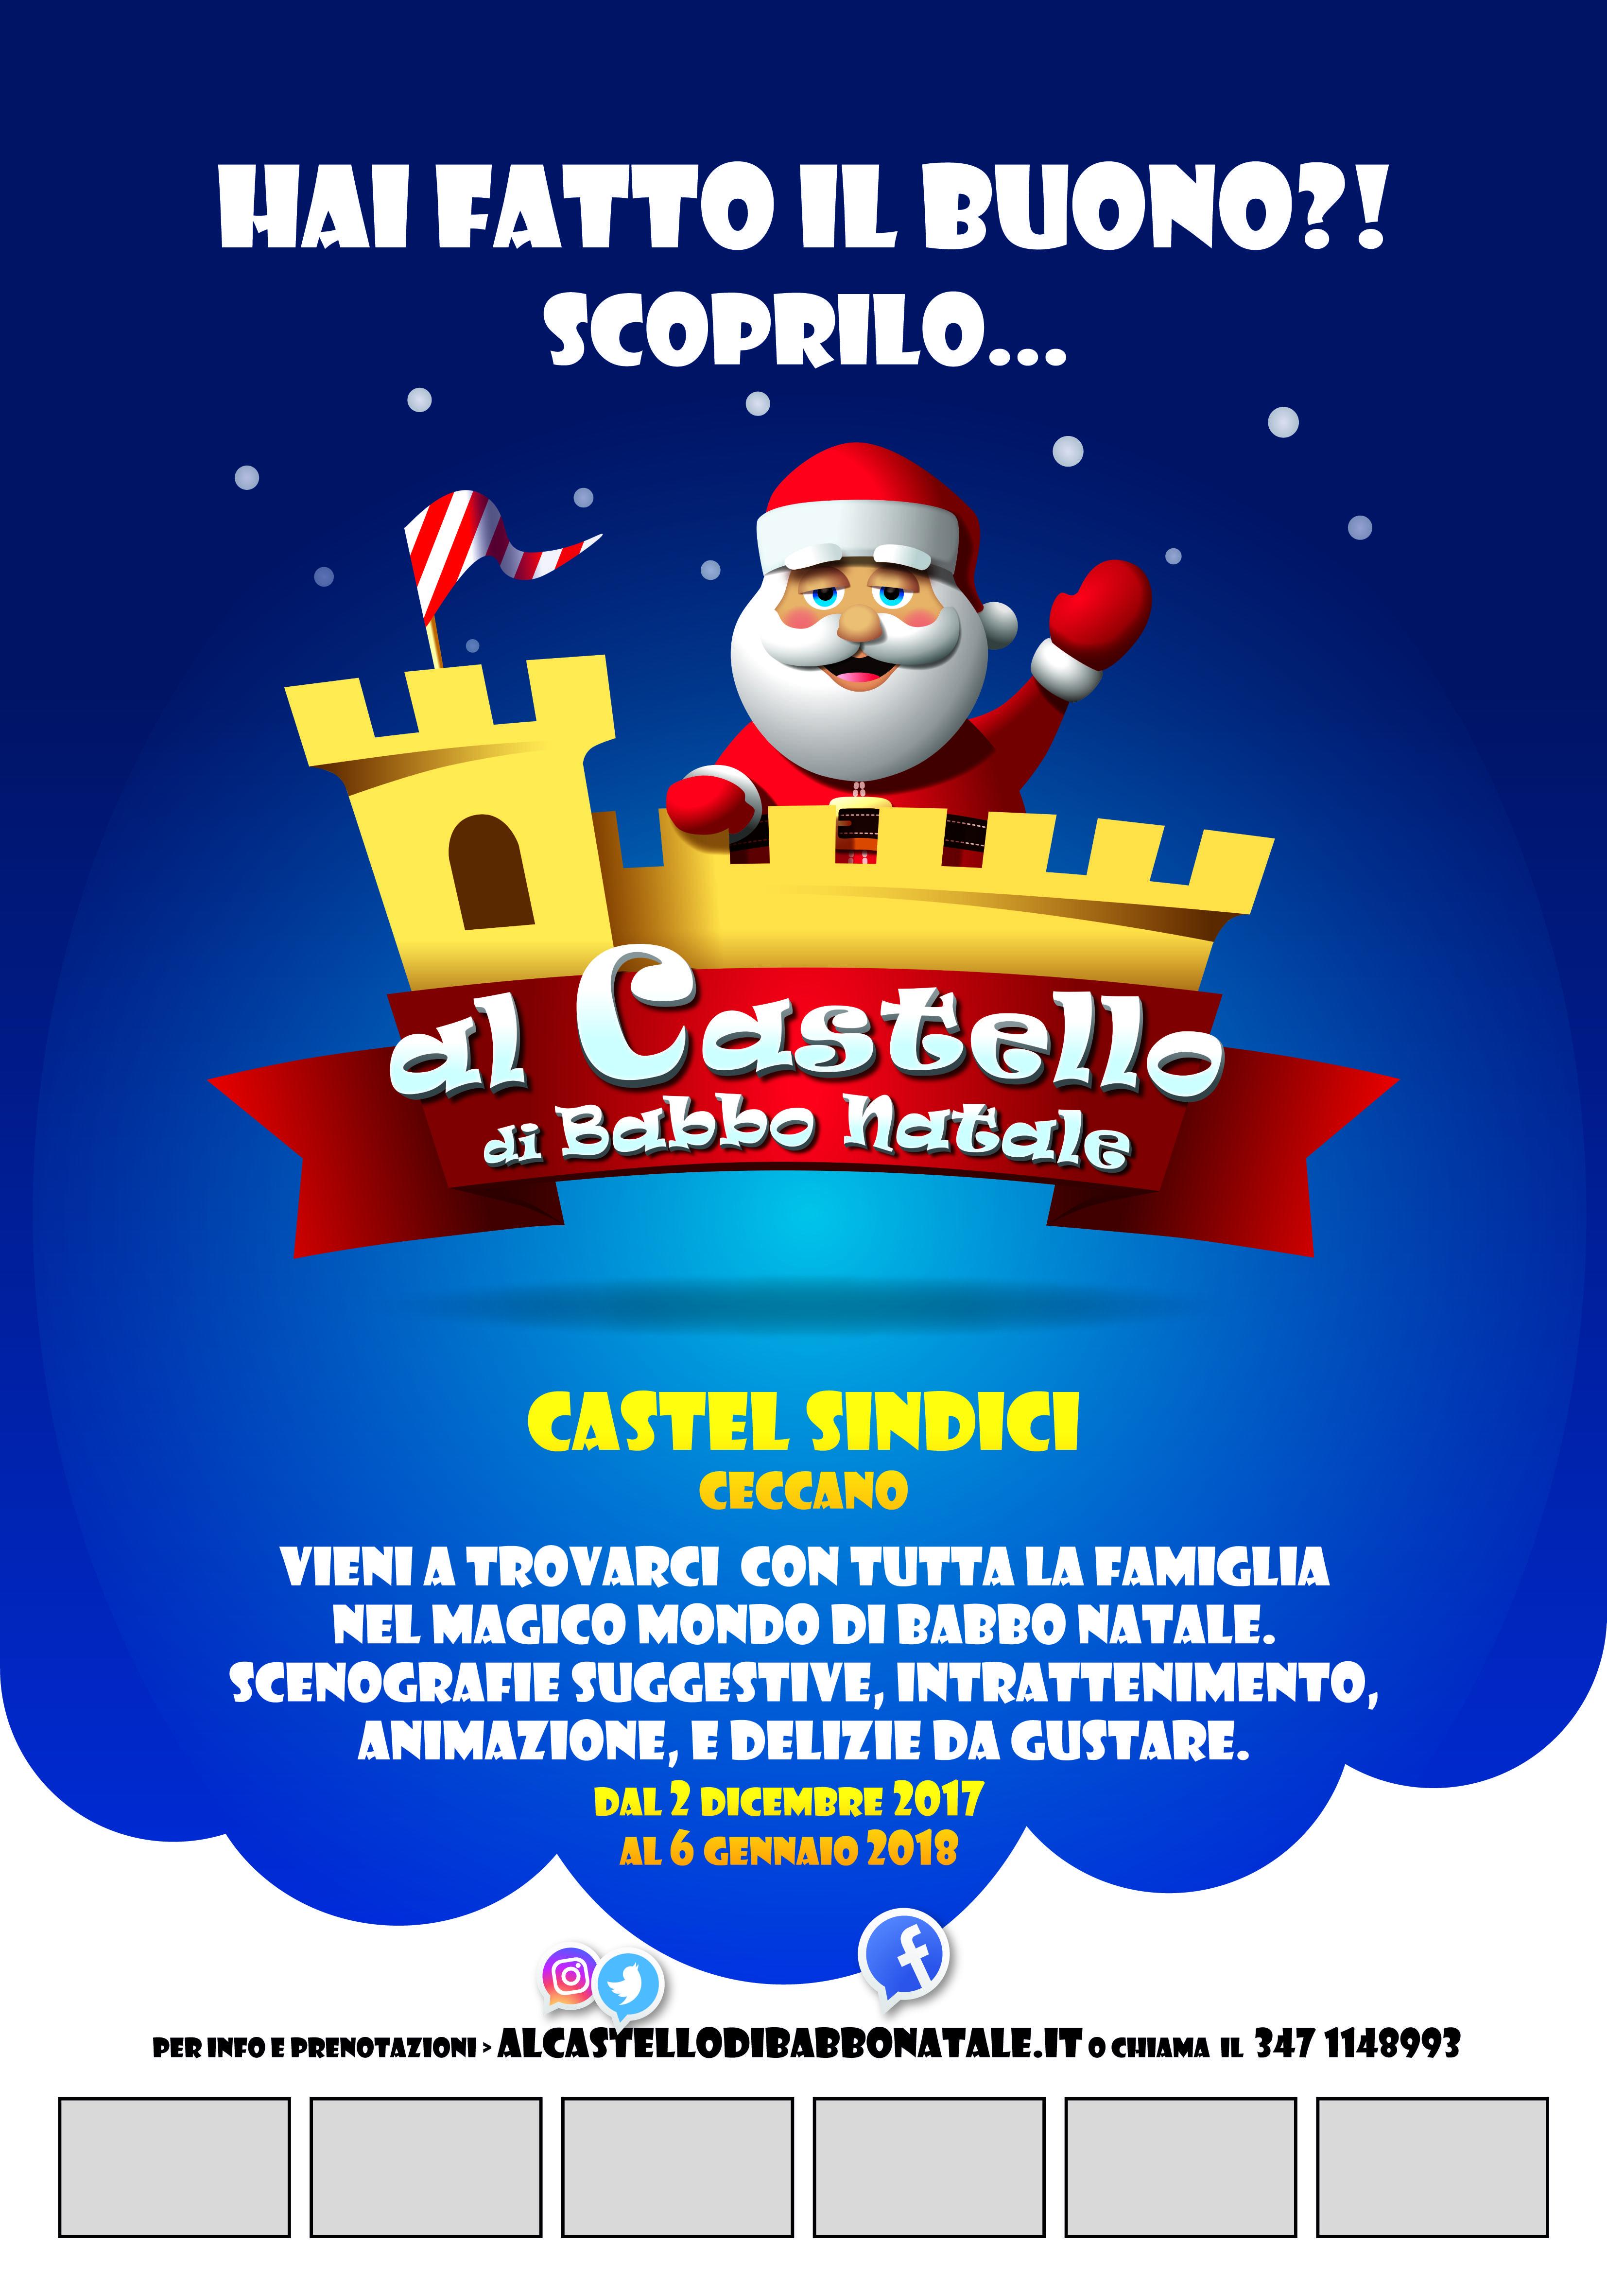 Percorso Babbo Natale.Al Castello Di Babbo Natale Un Percorso Nel Magico Mondo Di Babbo